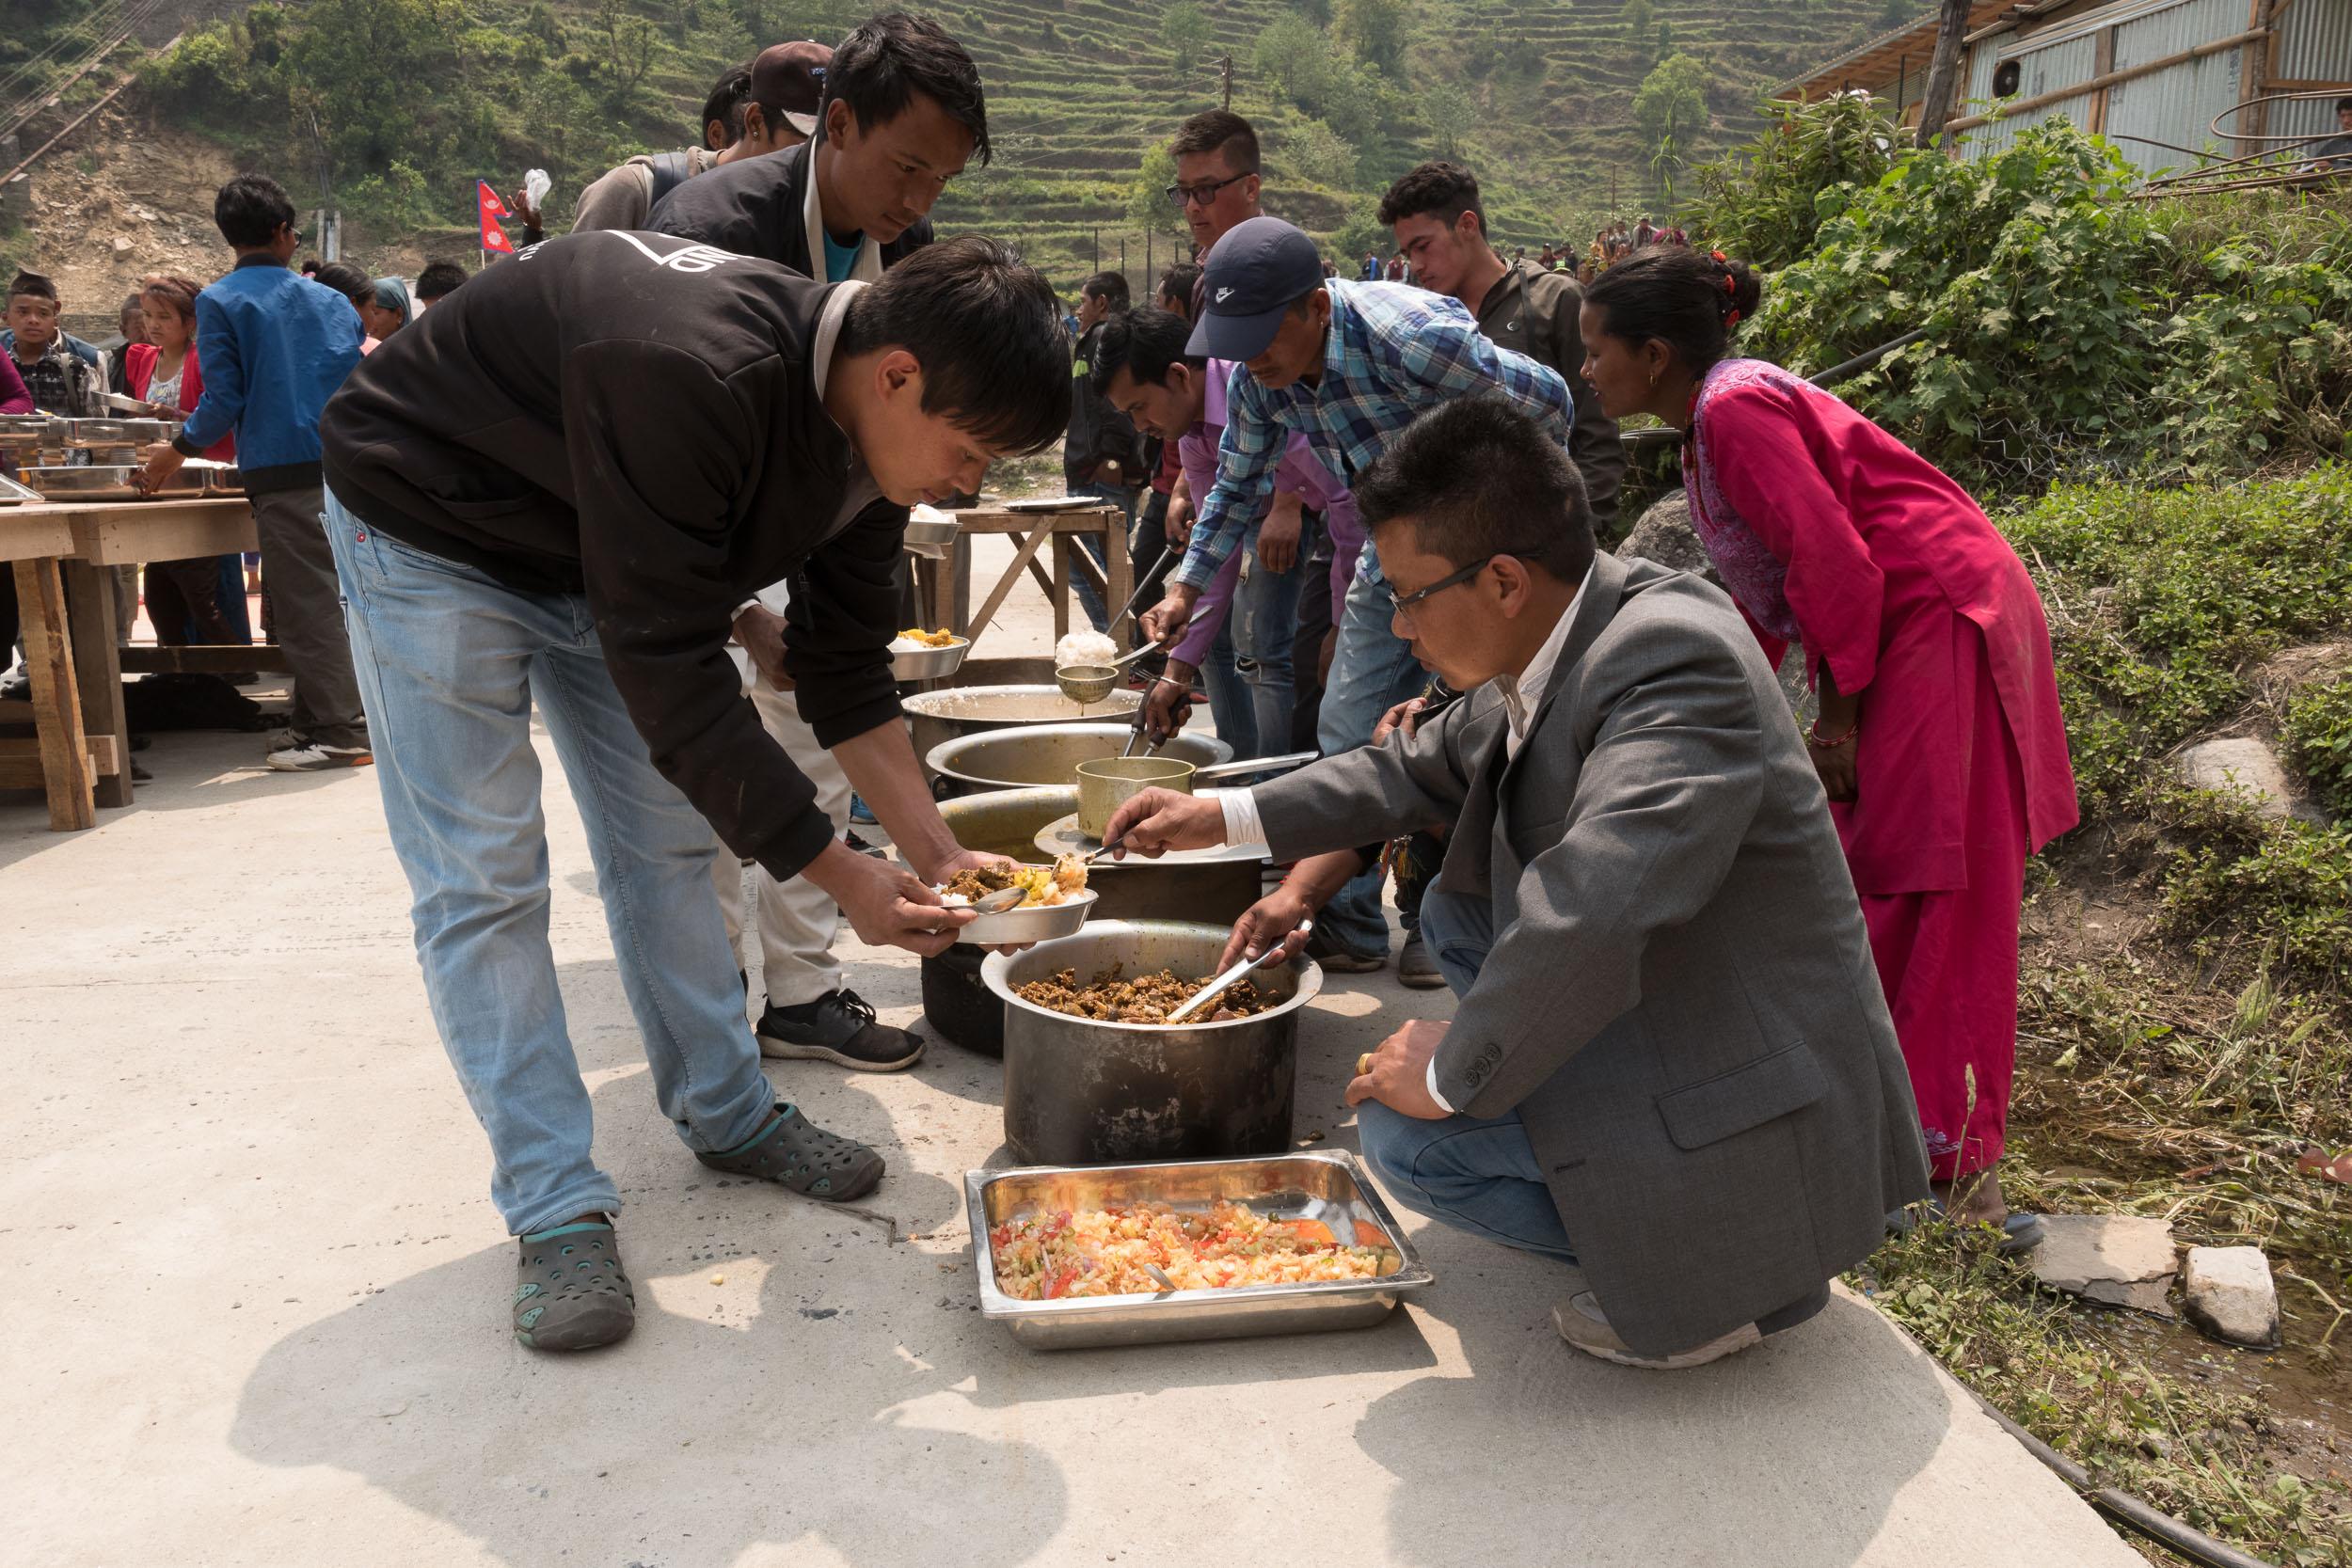 20180421_nepal_P1220312.jpg